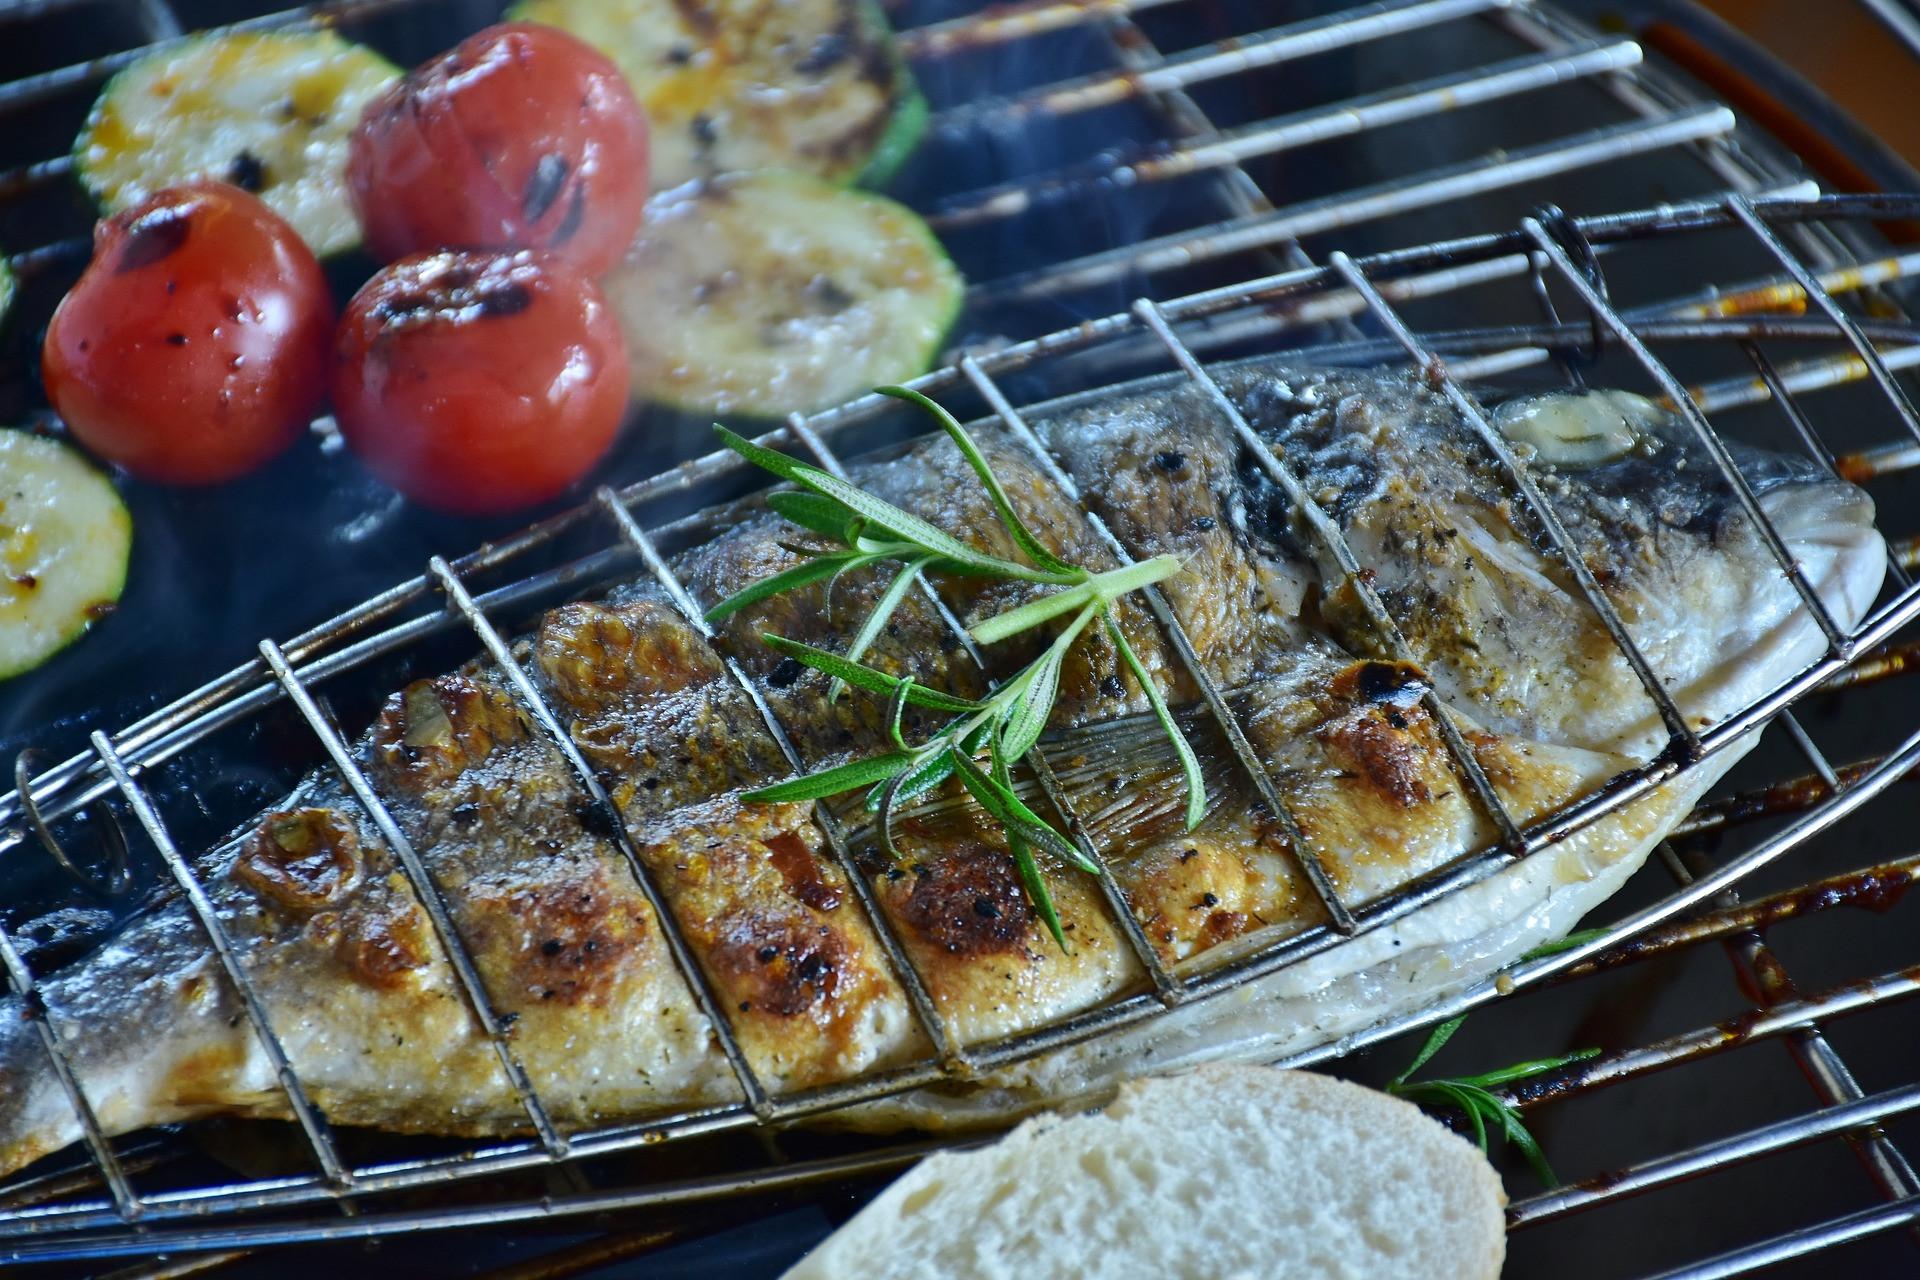 A grillezés zsírtakarékos technika, amelynél azonban ügyeljünk arra, hogy ne pirítsuk meg nagyon barnára a nyersanyagokat